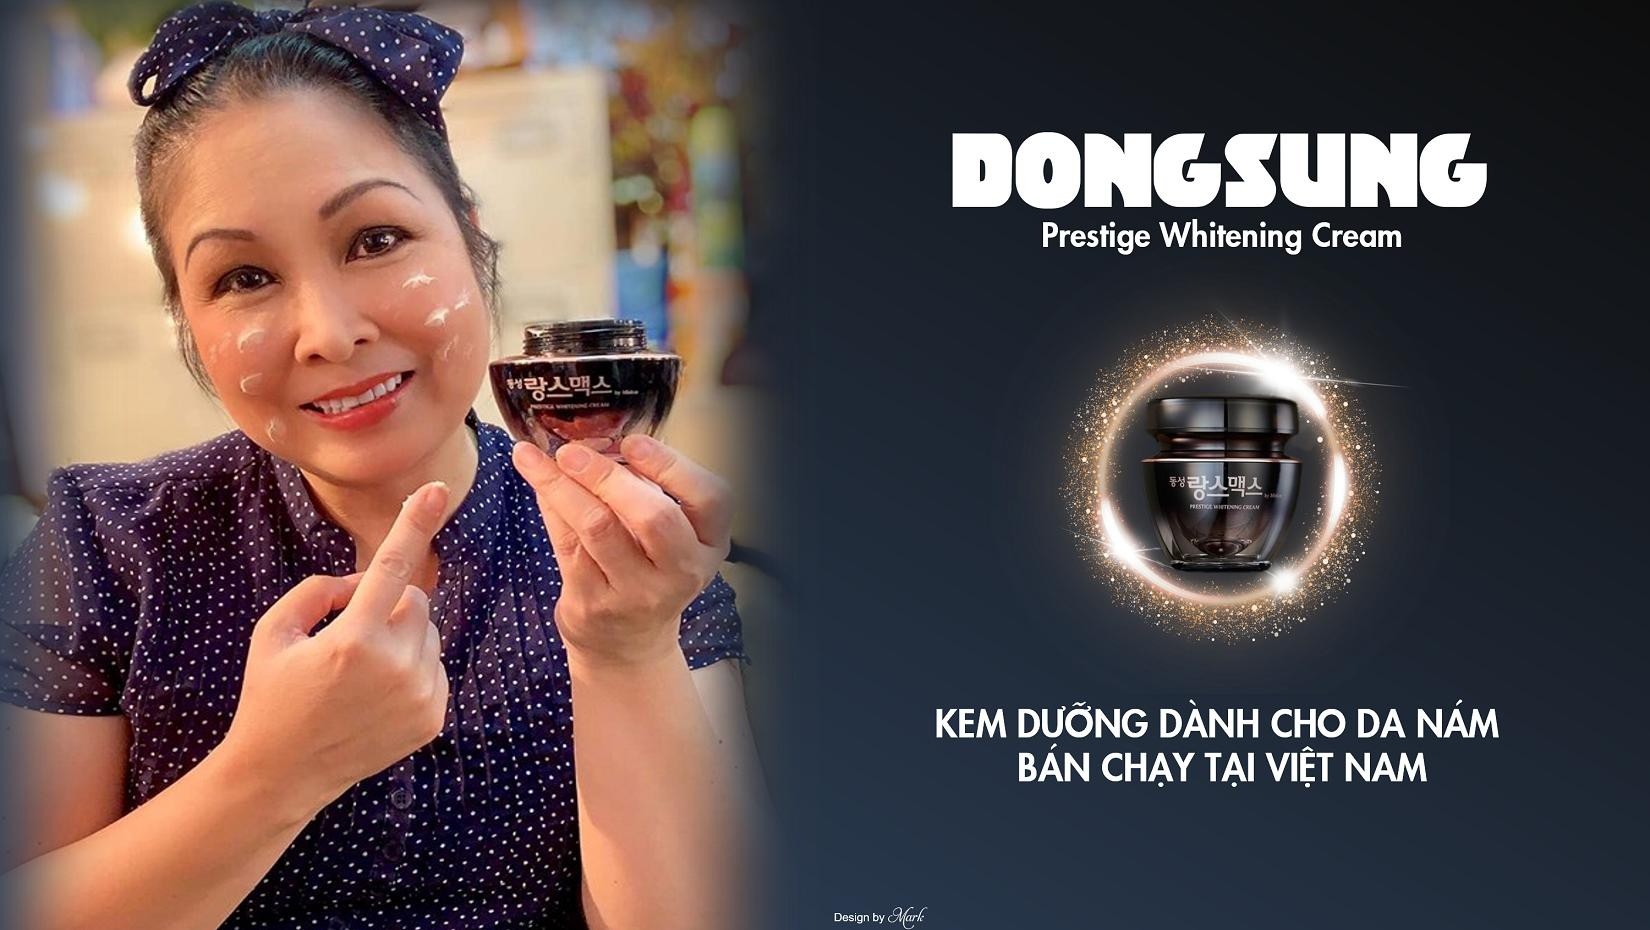 Chưa 30 mà đã có nám chi chít, thử ngay Dongsung Presitege Whitening Cream để thấy sự khác biệt - Ảnh 2.